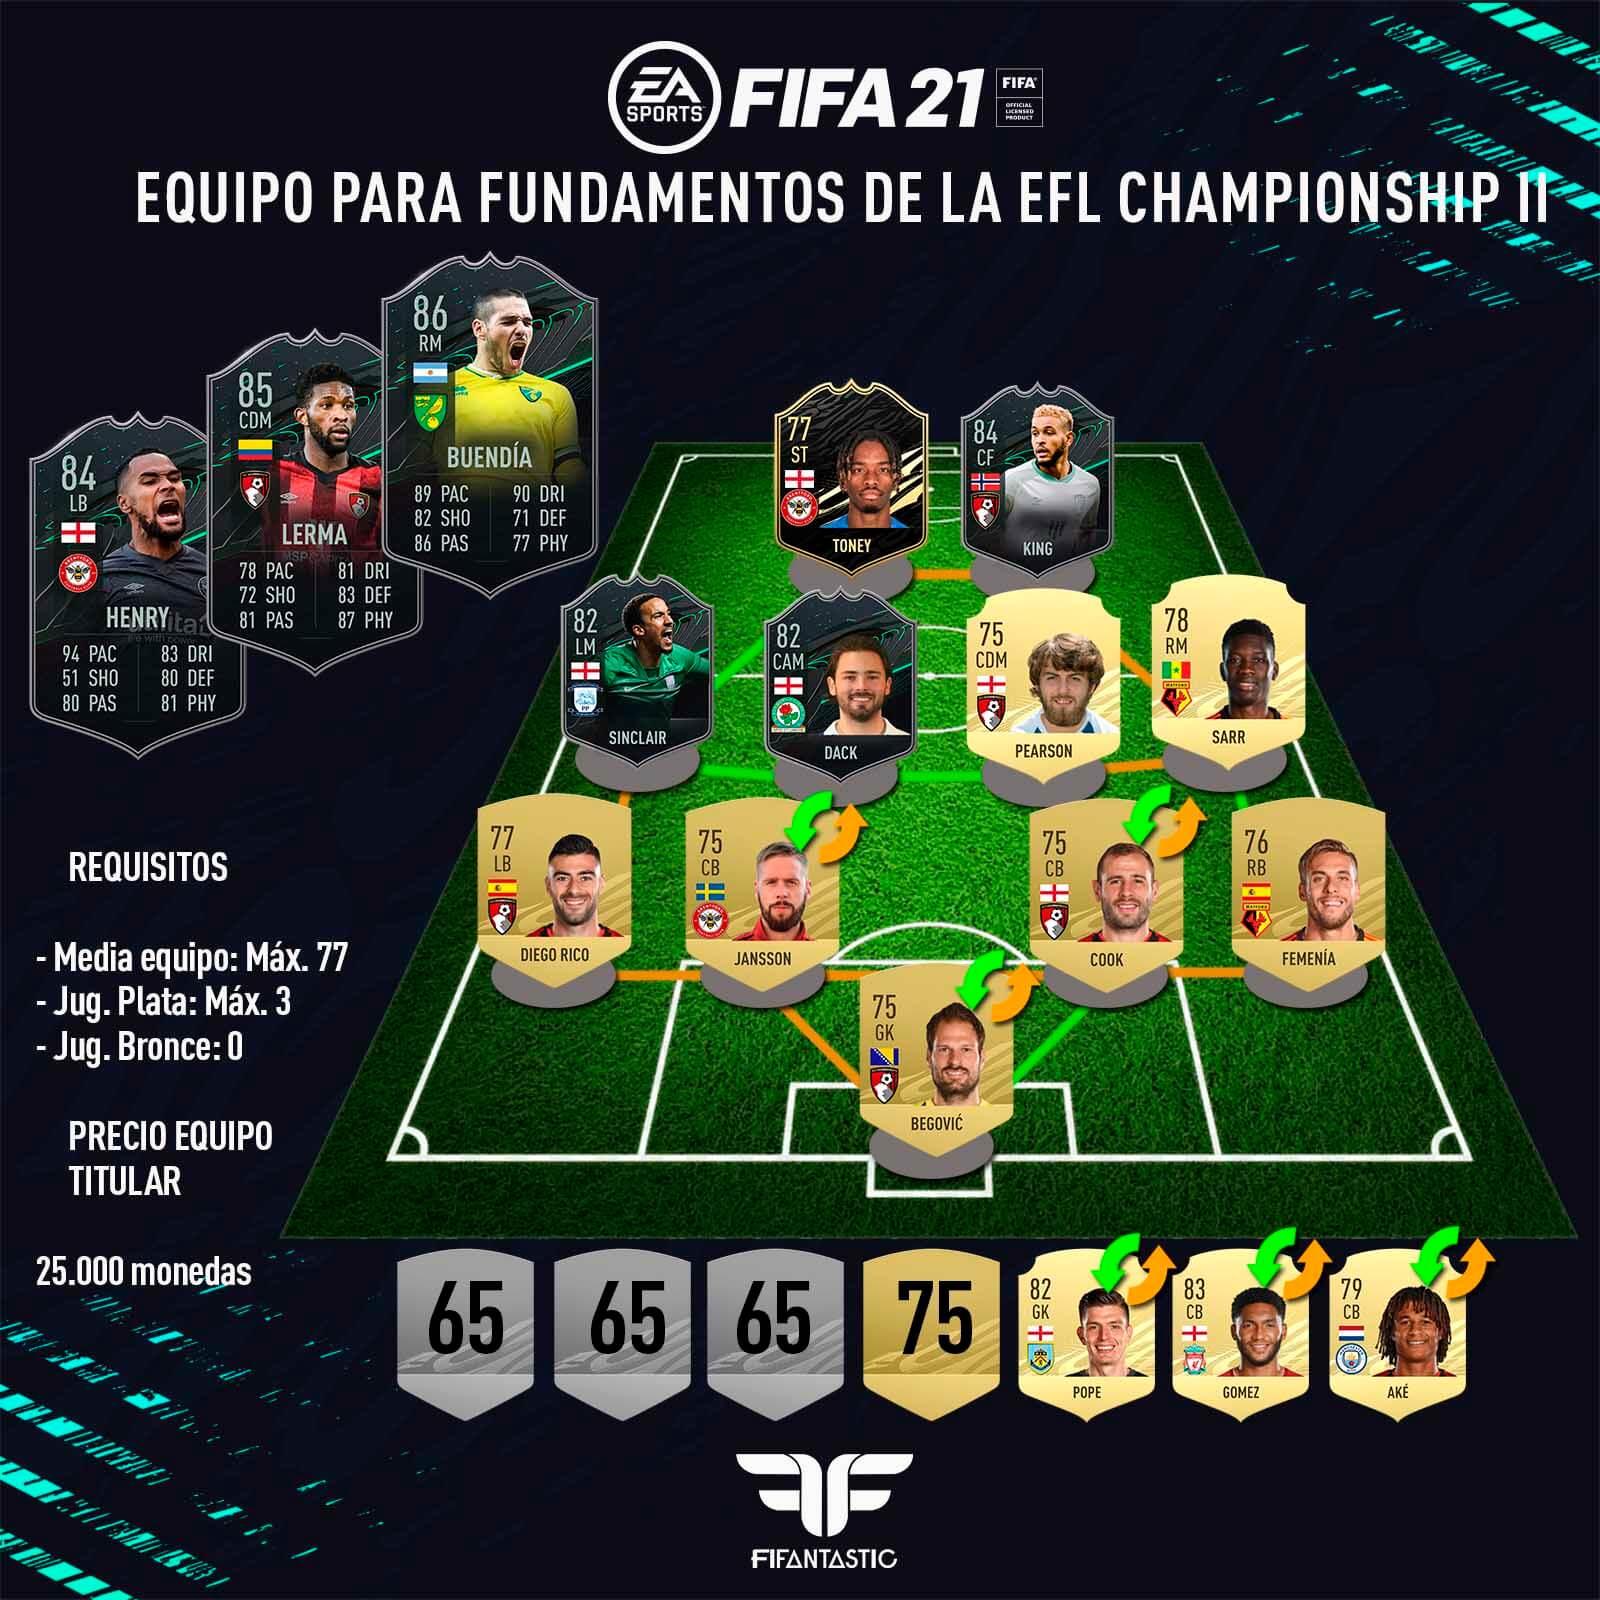 Equipo para los Fundamentos EFL Championship II de FIFA 21 Ultimate Team